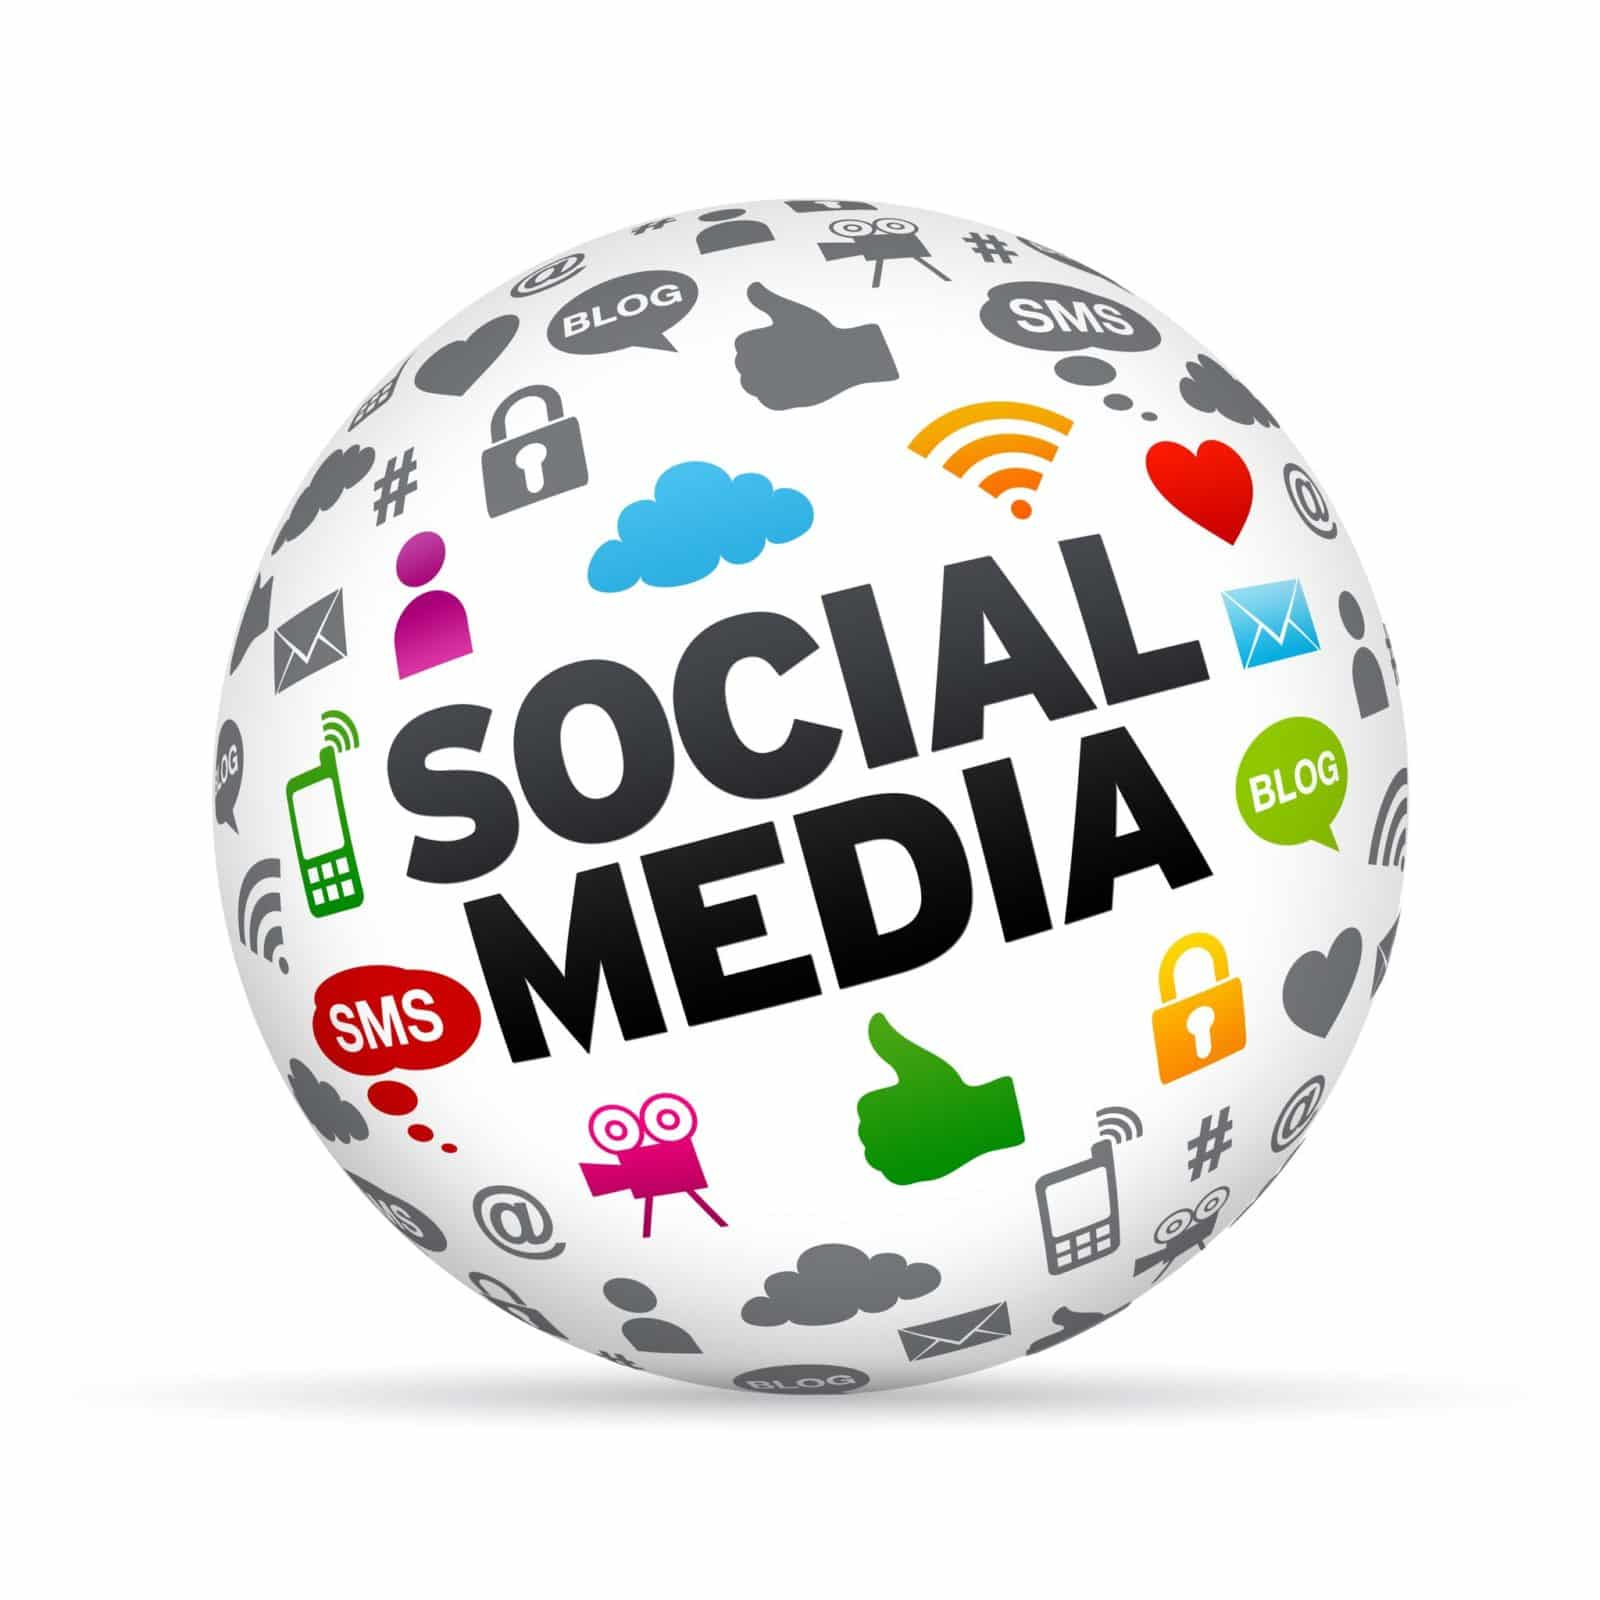 посты для групп и страниц в соцсетях